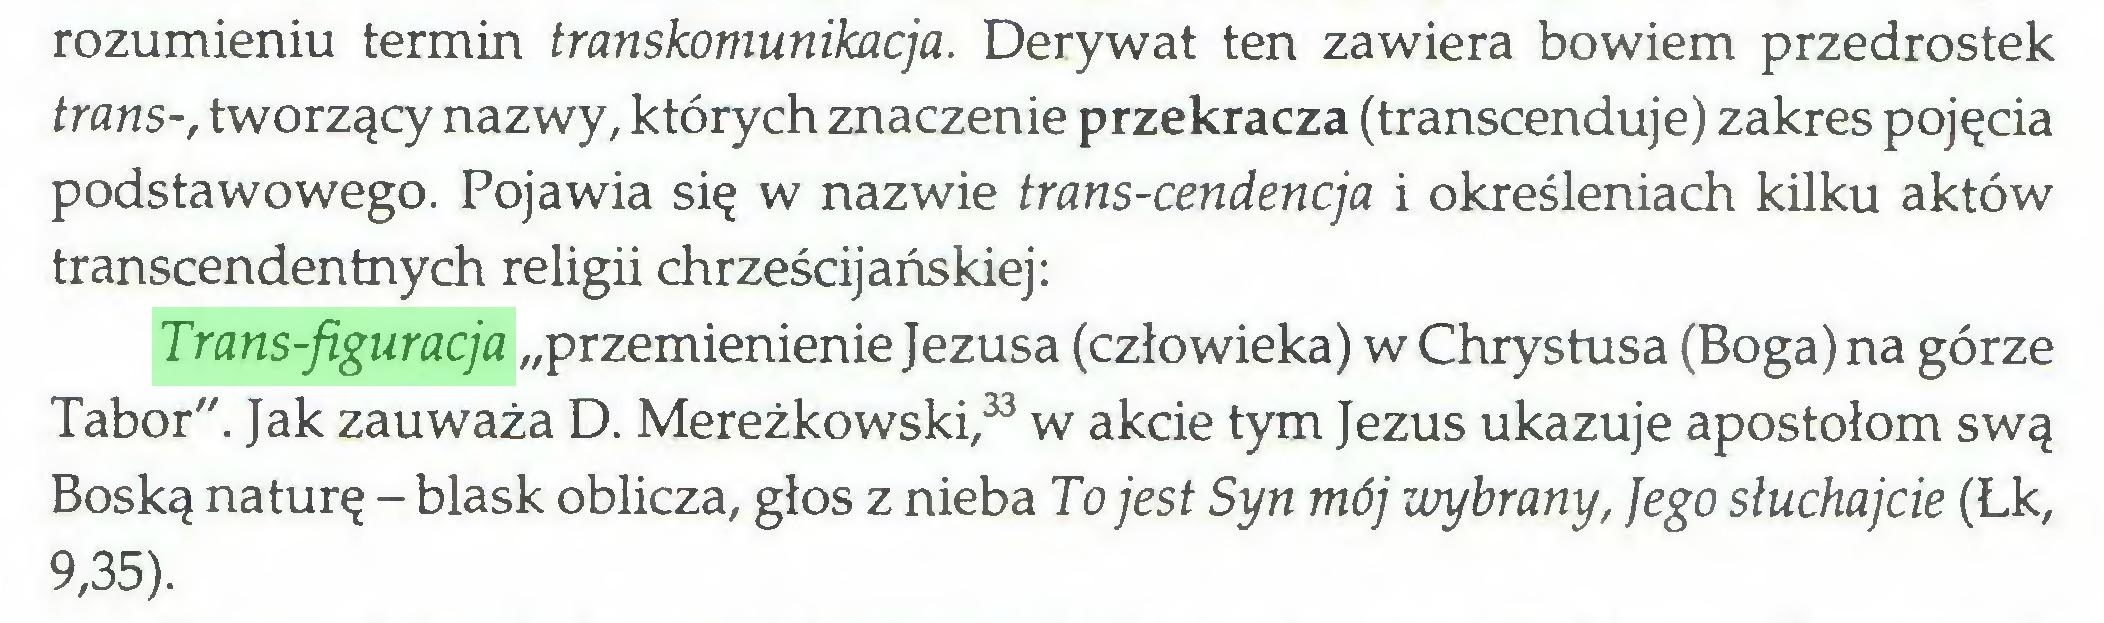 """(...) rozumieniu termin transkomunikacja. Derywat ten zawiera bowiem przedrostek trans-, tworzący nazwy, których znaczenie przekracza (transcenduje) zakres pojęcia podstawowego. Pojawia się w nazwie trans-cendencja i określeniach kilku aktów transcendentnych religii chrześcijańskiej: Trans-figuracja """"przemienienie Jezusa (człowieka) w Chrystusa (Boga) na górze Tabor"""". Jak zauważa D. Mereżkowski,33 w akcie tym Jezus ukazuje apostołom swą Boską naturę - blask oblicza, głos z nieba To jest Syn mój wybrany, Jego słuchajcie (Łk, 9,35)..."""